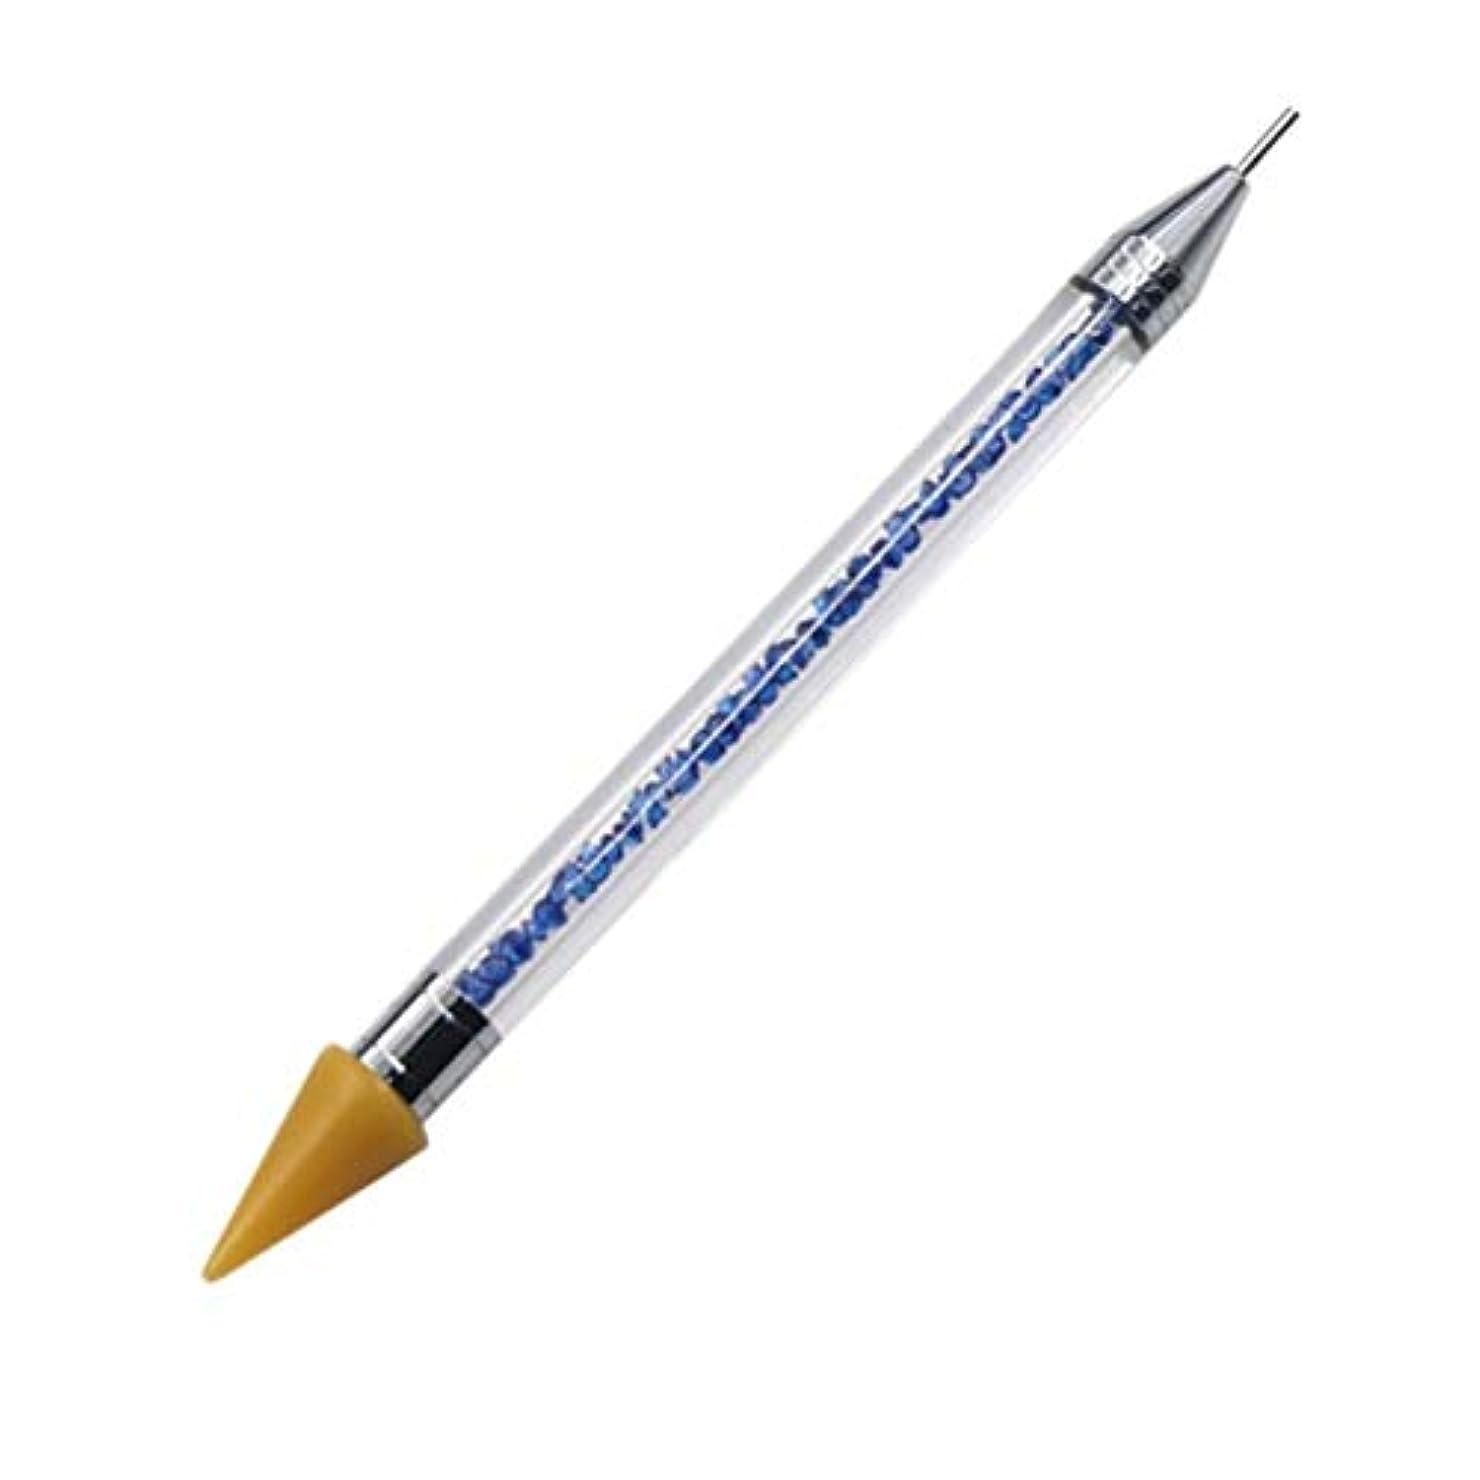 哀新着切り刻むネイルペン DIY デュアルエンド 絵画ツール ペン ネイル筆 ネイルアートペン ネイルアートブラシ マニキュアツールキット ネイルツール ネイル用品 ラインストーンピッカー点在ペン マニキュアネイルアート DIY 装飾ツール